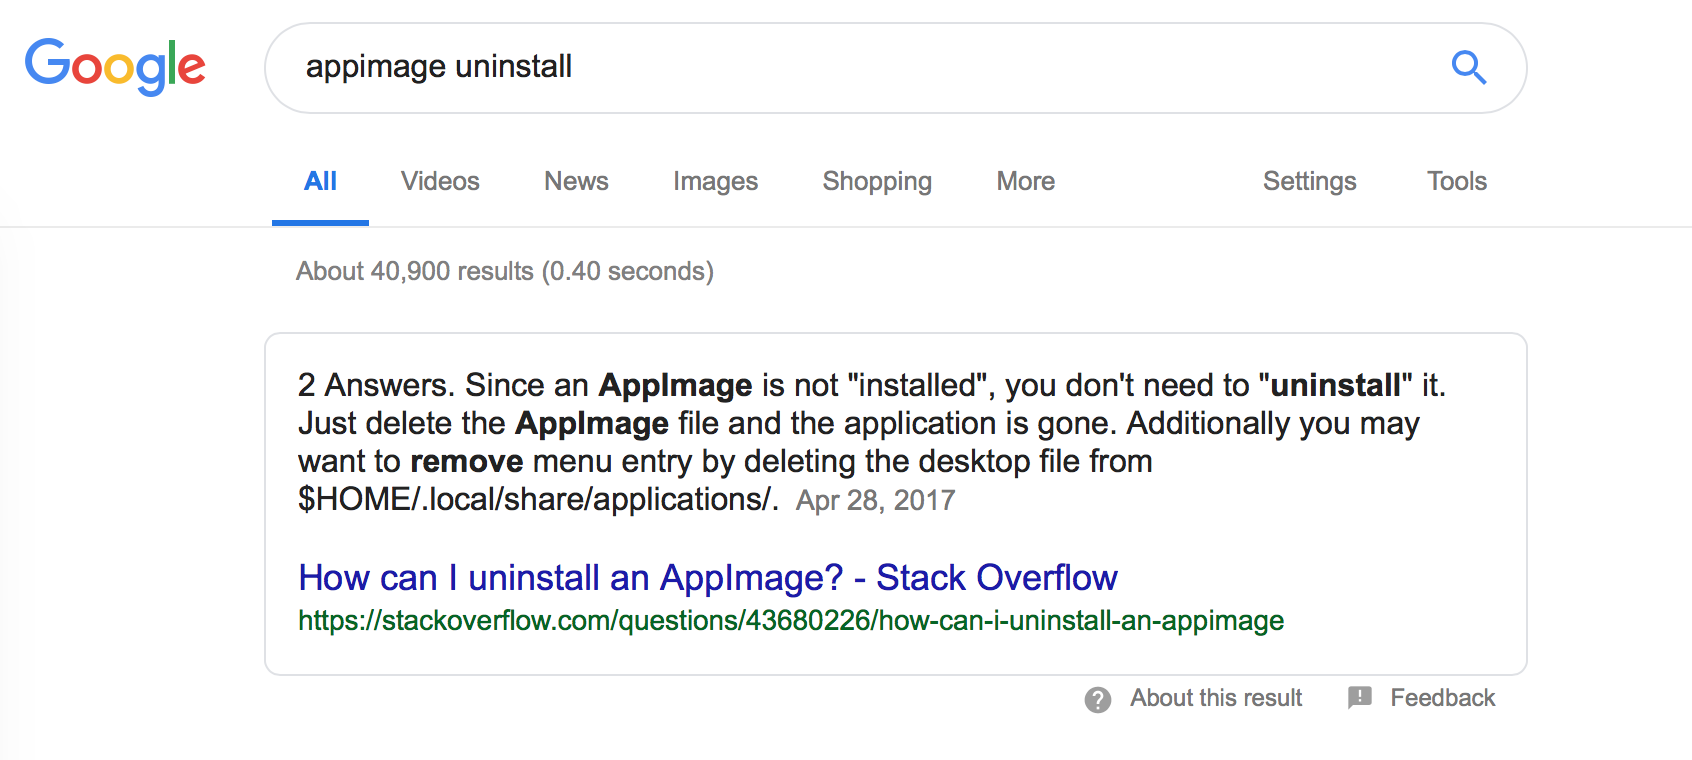 Uninstalling on Ubuntu 18 04 LTS (having installed from AppImage